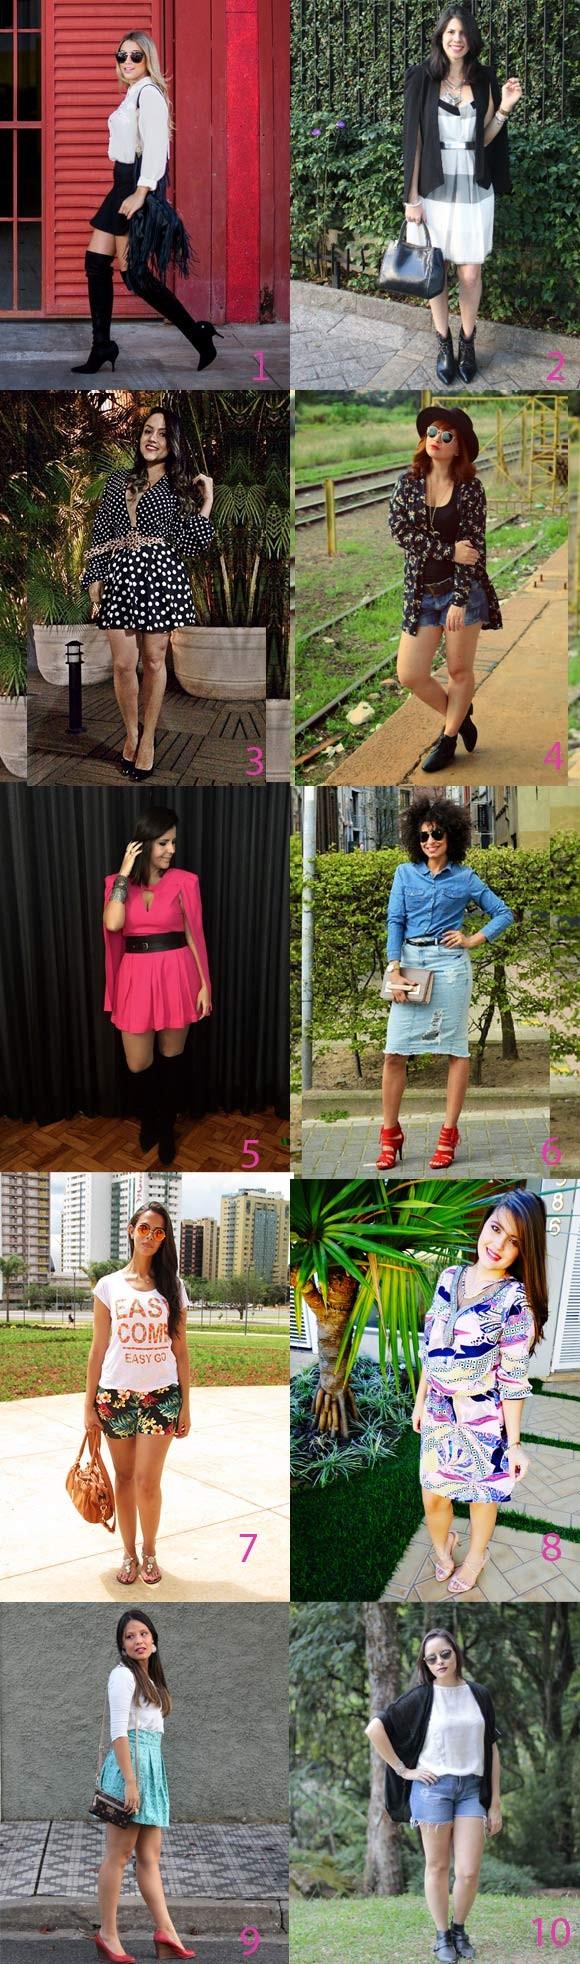 comunidade glamour julho 2 (Foto: Arquivo Pessoal)